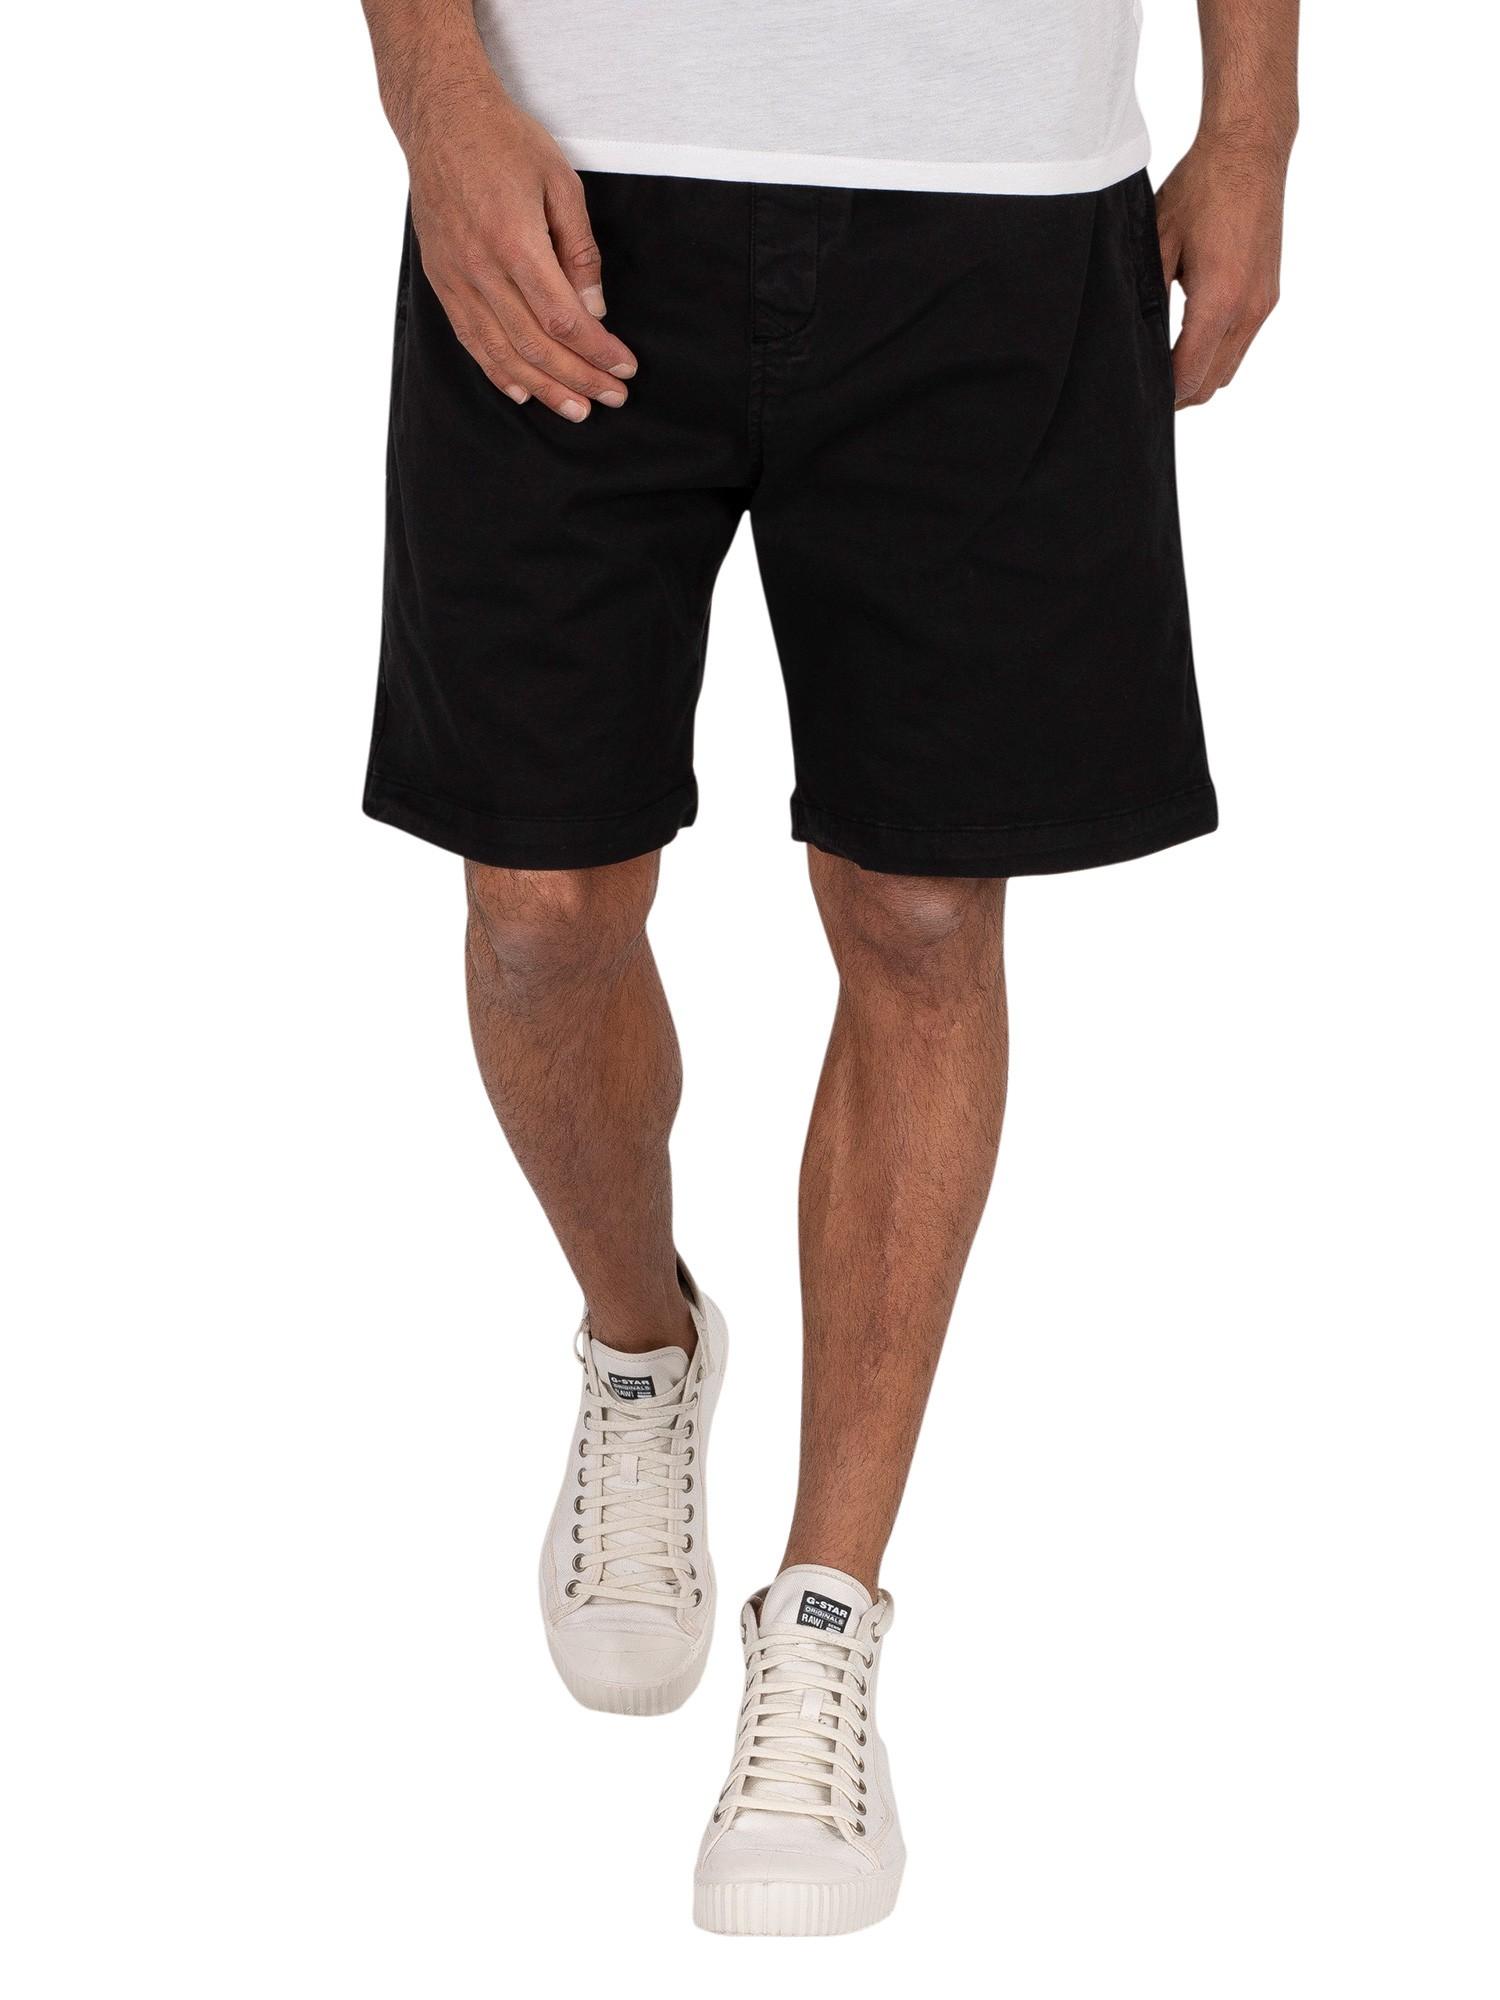 Lawton Shorts